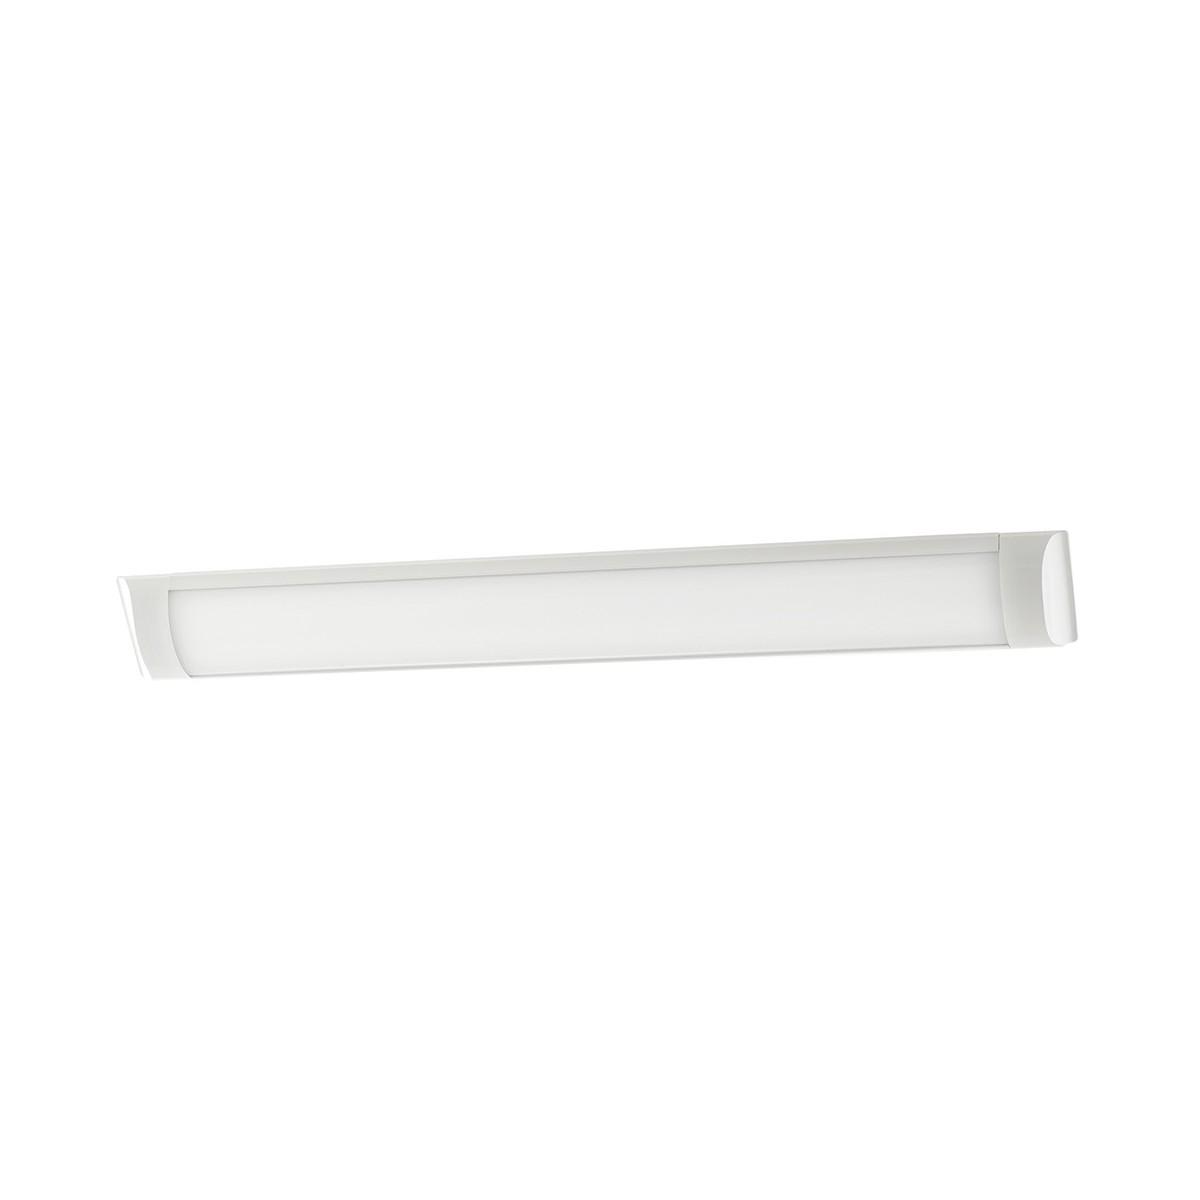 LED-BATTEN-120 Applique Bianco Led